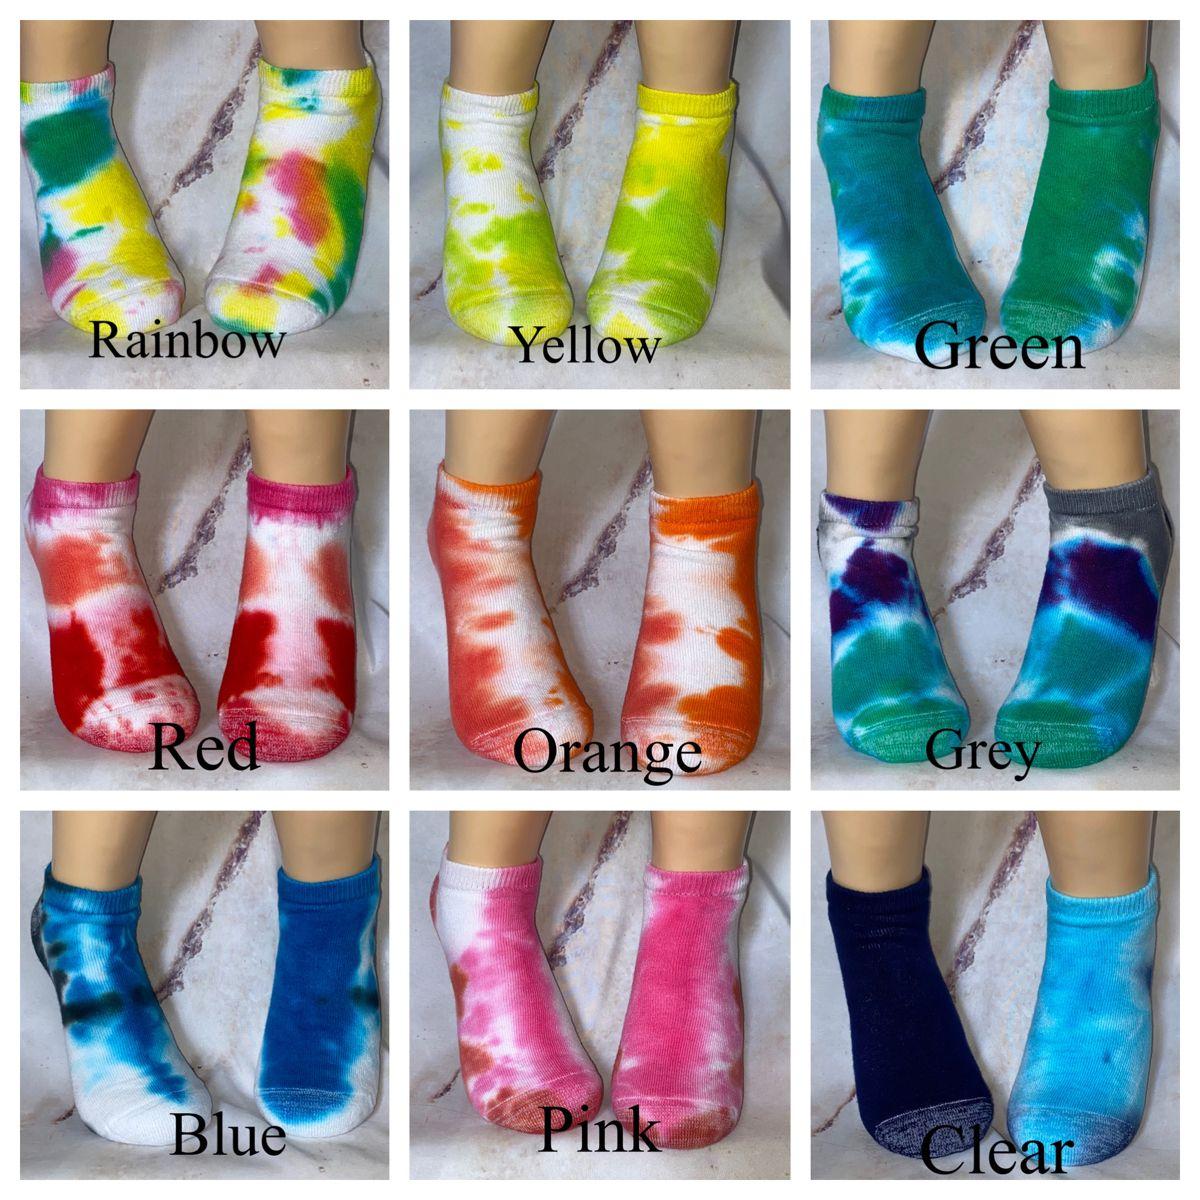 Tie dye socks in 2020 Tie dye diy, Tie dye socks, Dye